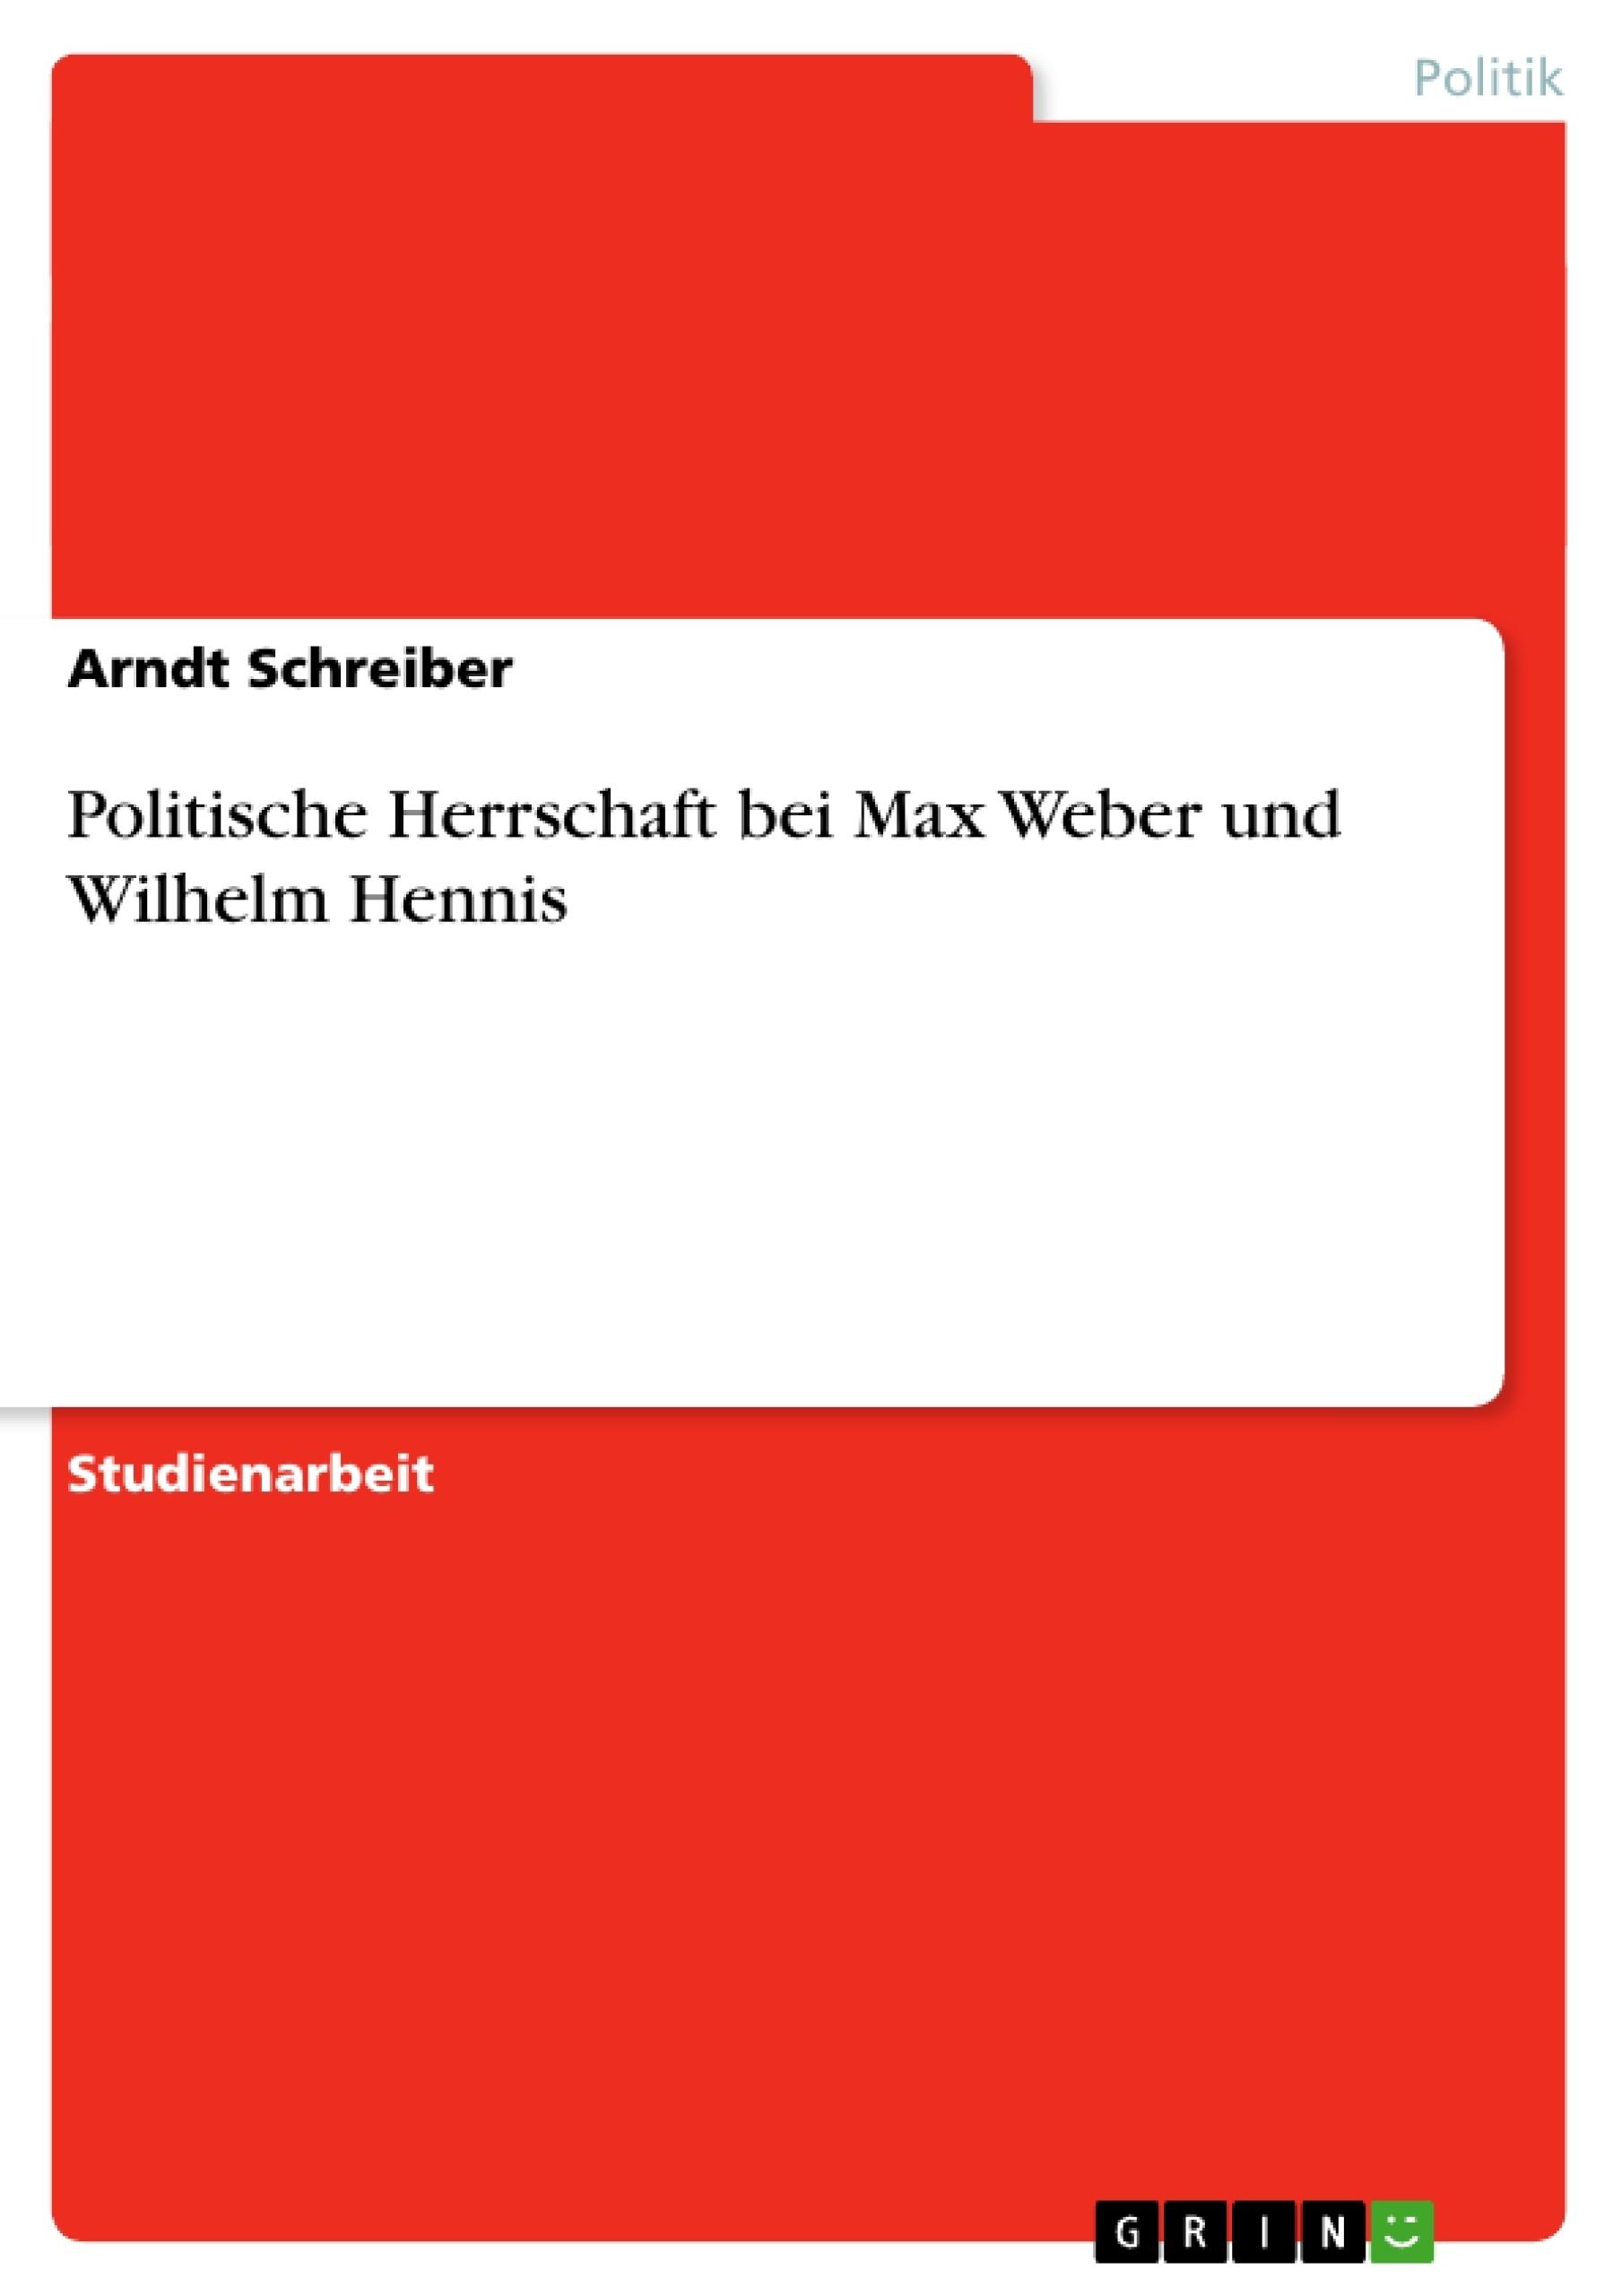 Titel: Politische Herrschaft bei Max Weber und Wilhelm Hennis